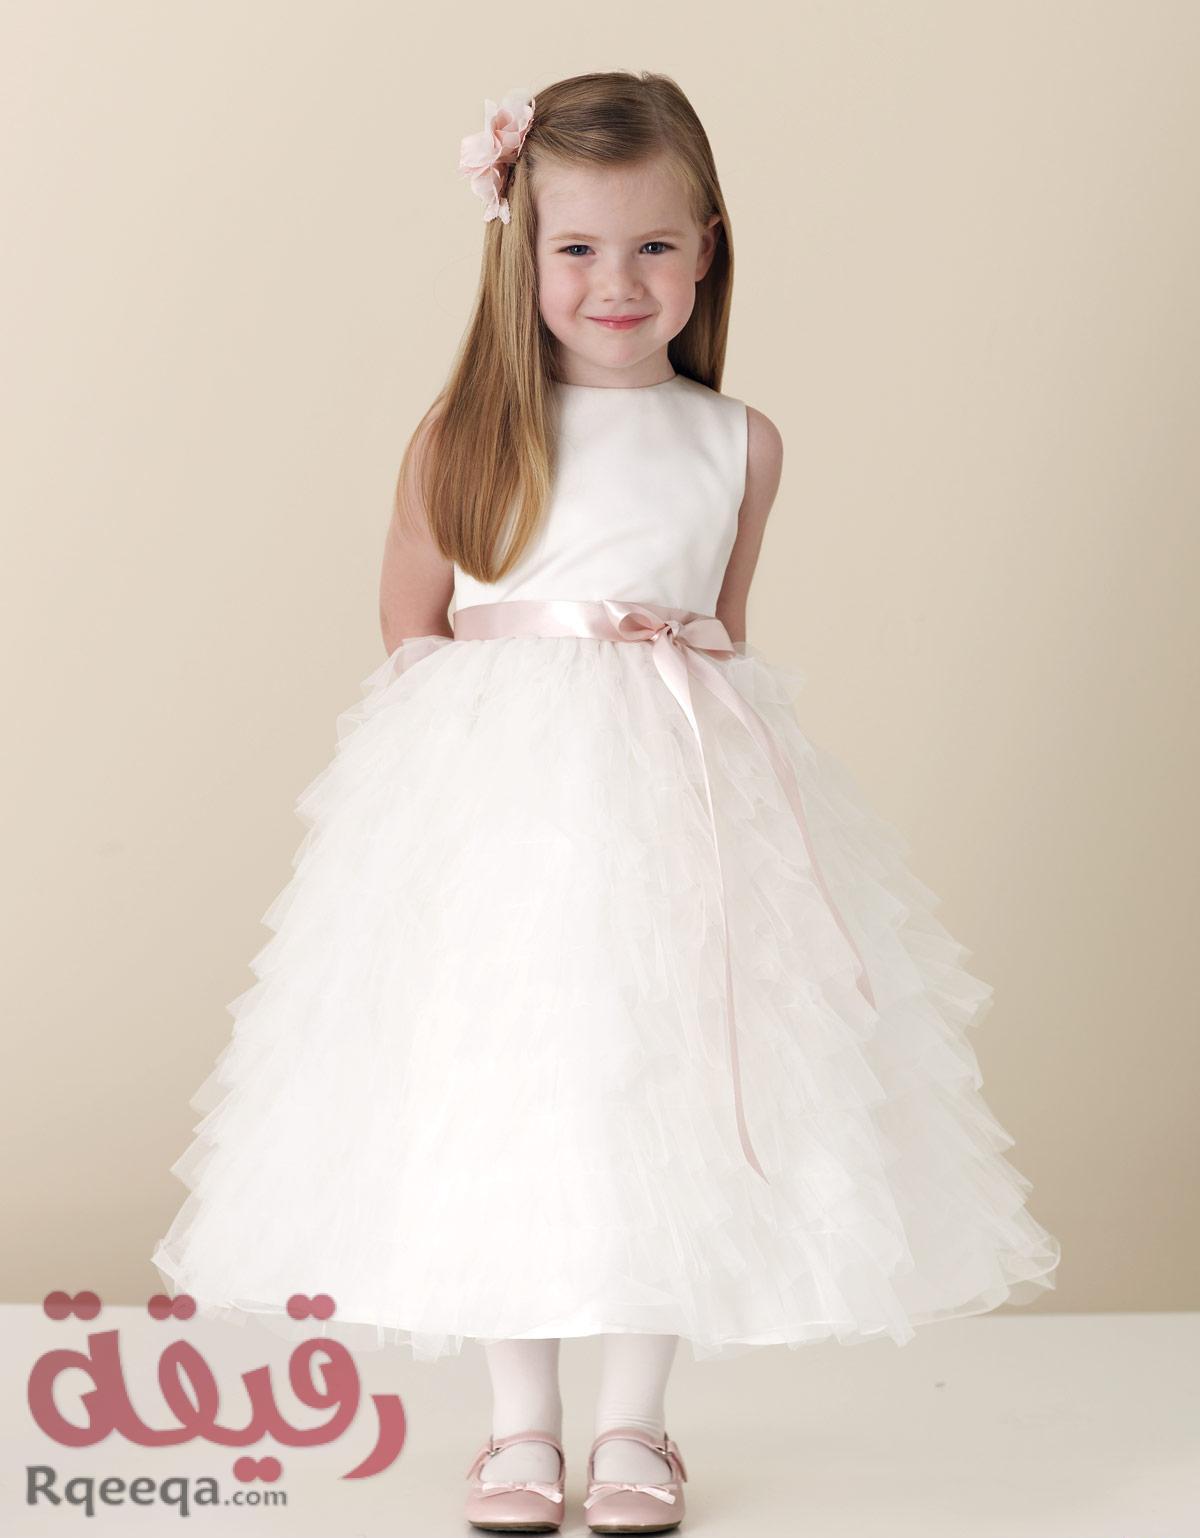 بالصور احلى ملابس الاطفال , اجمل واحلى ملابس الاطفال 11732 7